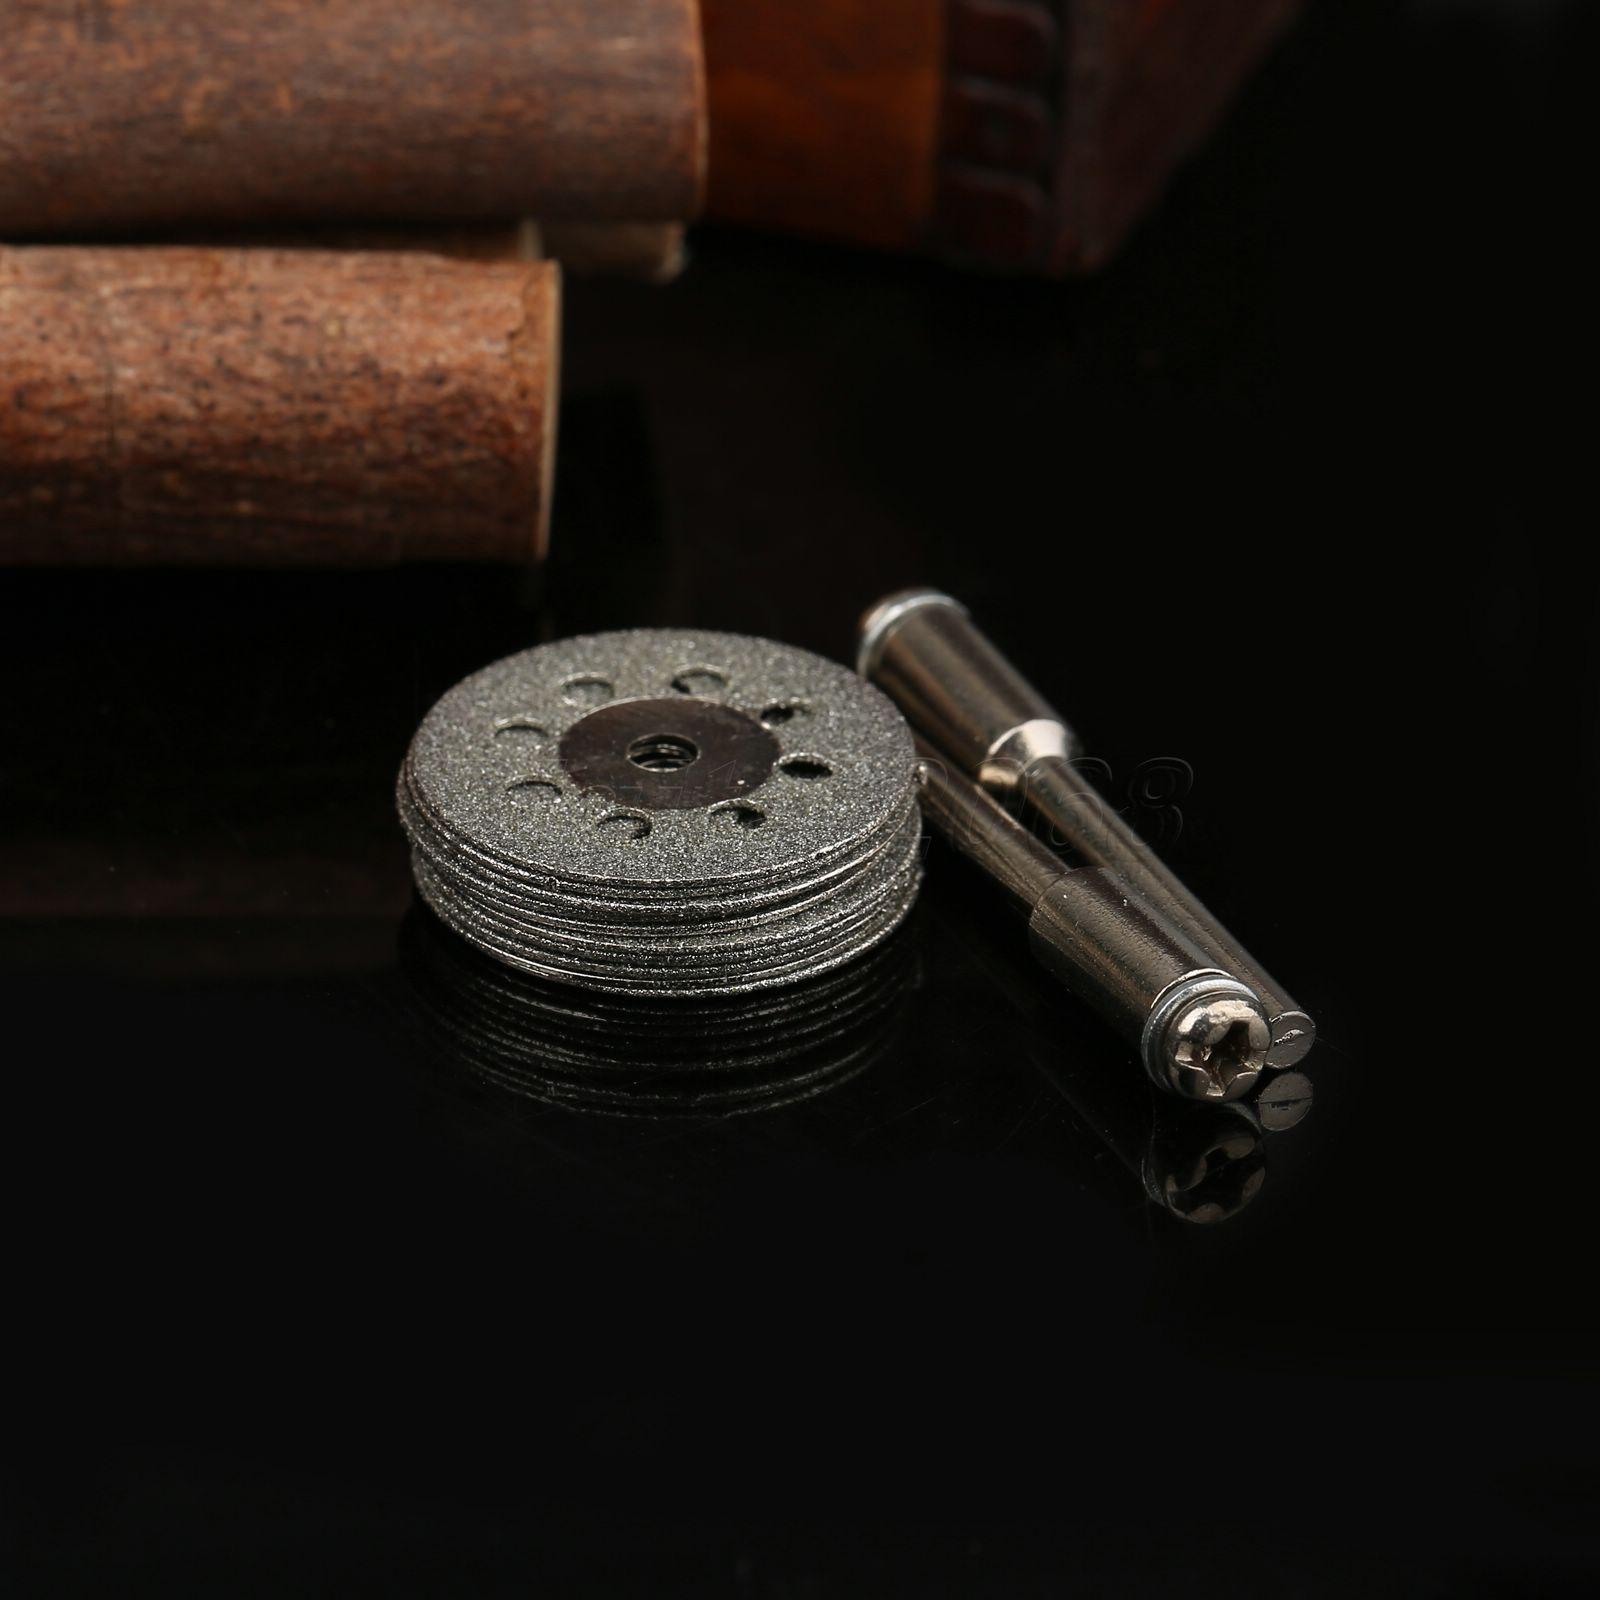 Broušení 10x22mm, kotoučová pila, řezací kotouč Dremel, - Brusné nástroje - Fotografie 3